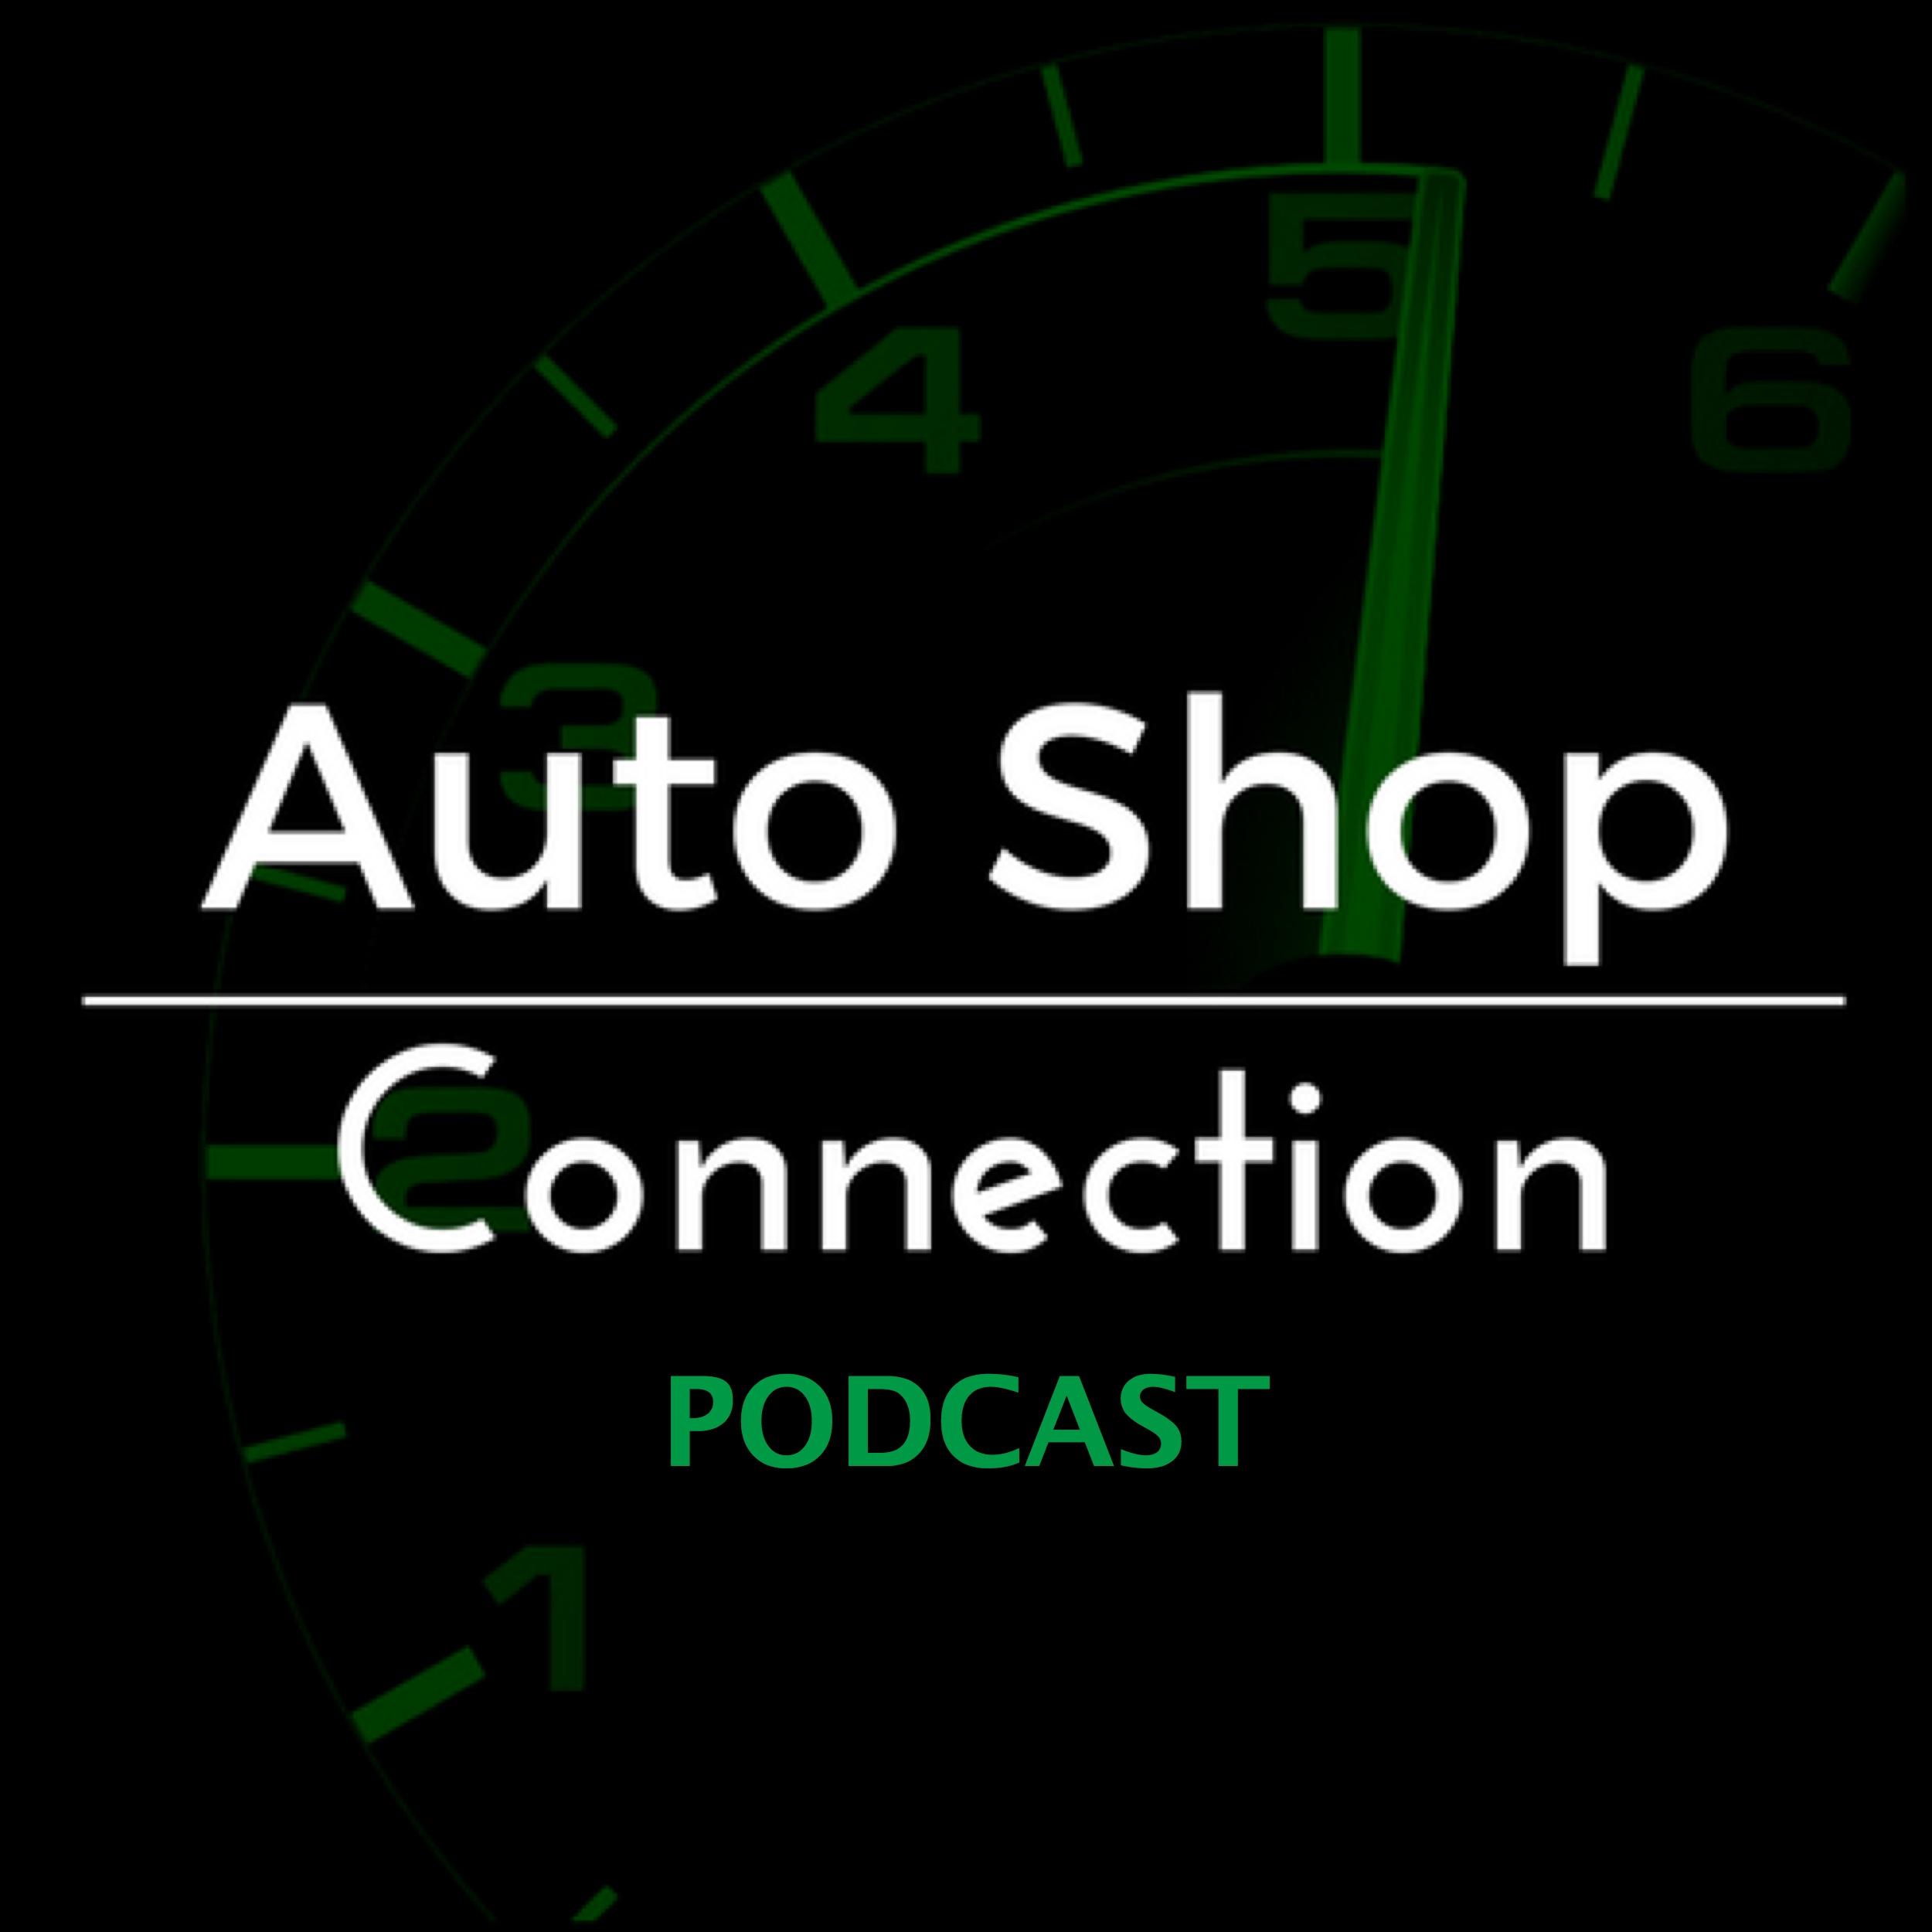 Auto Shop Connection Podcast